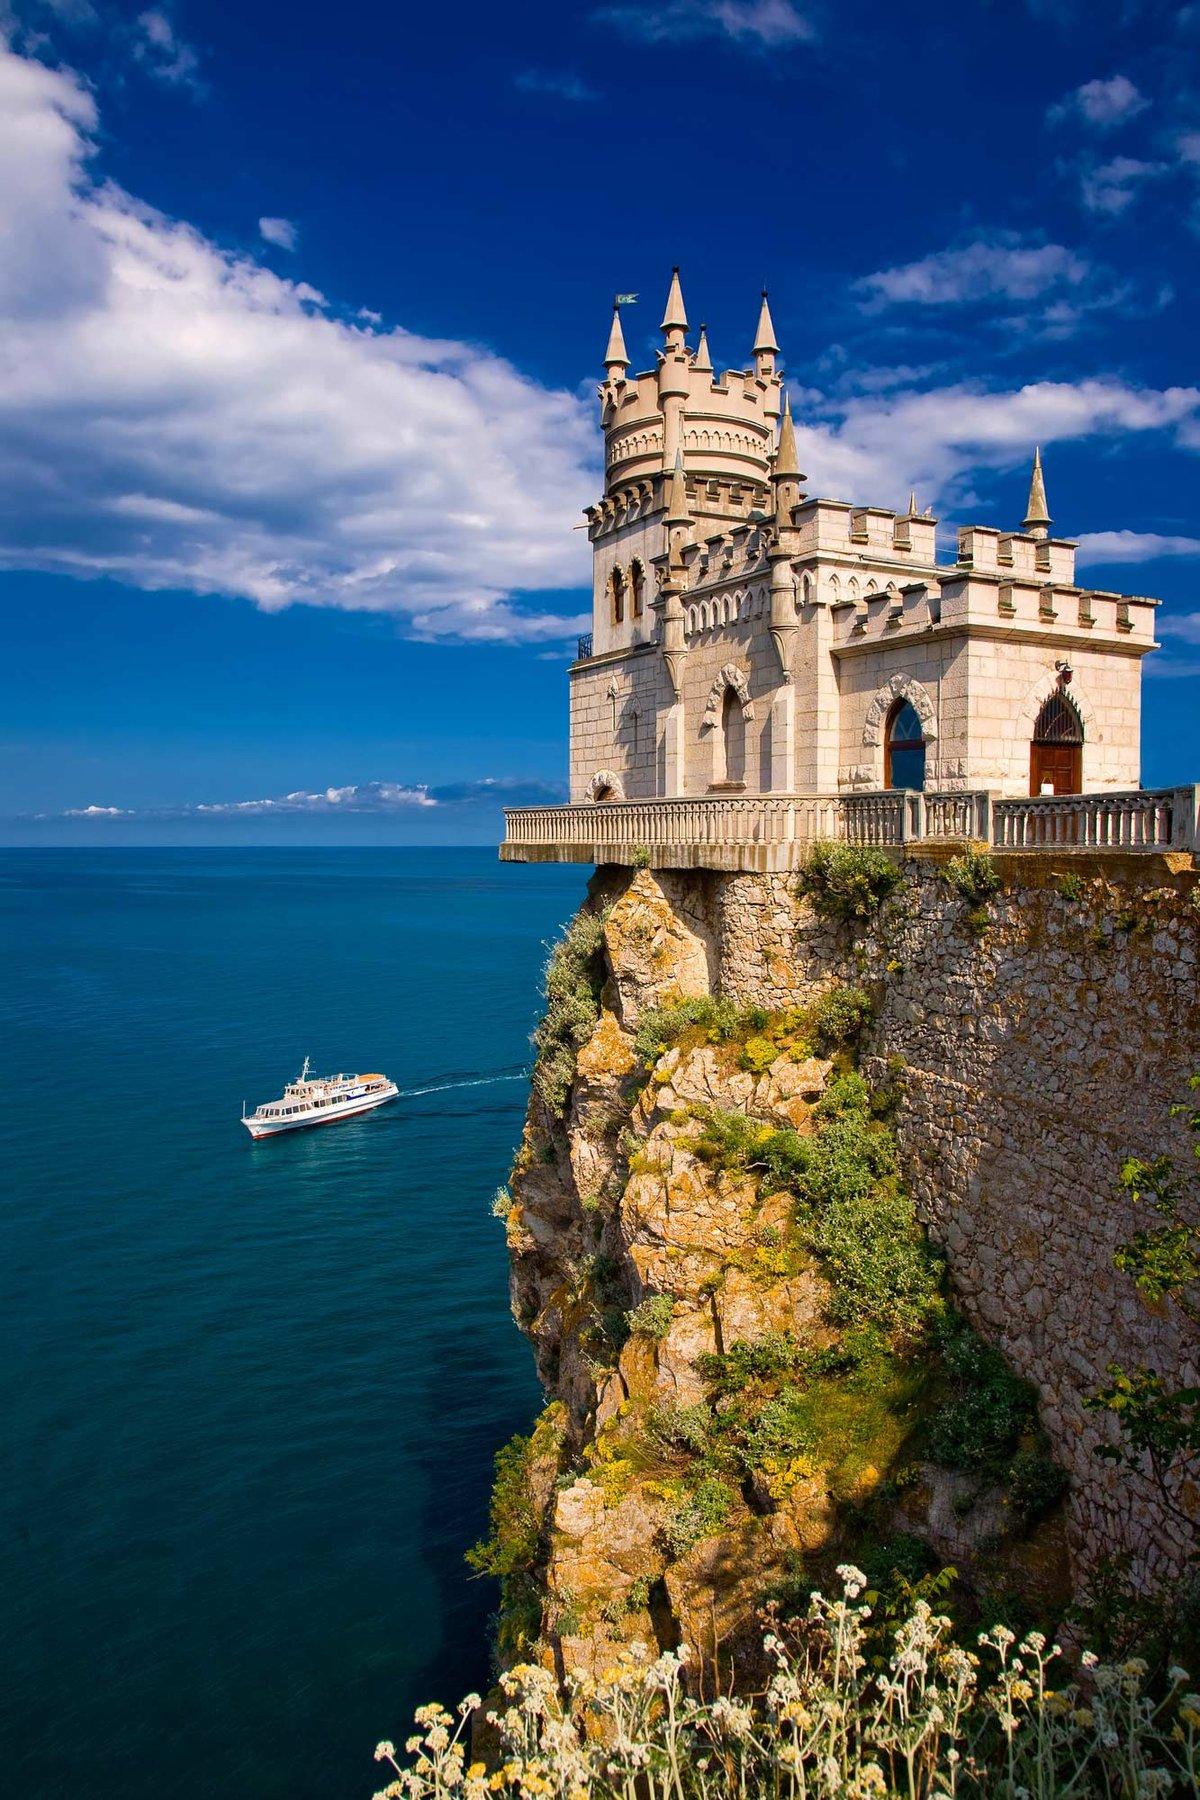 В Крыму продолжается реконструкция замка «Ласточкино гнездо»